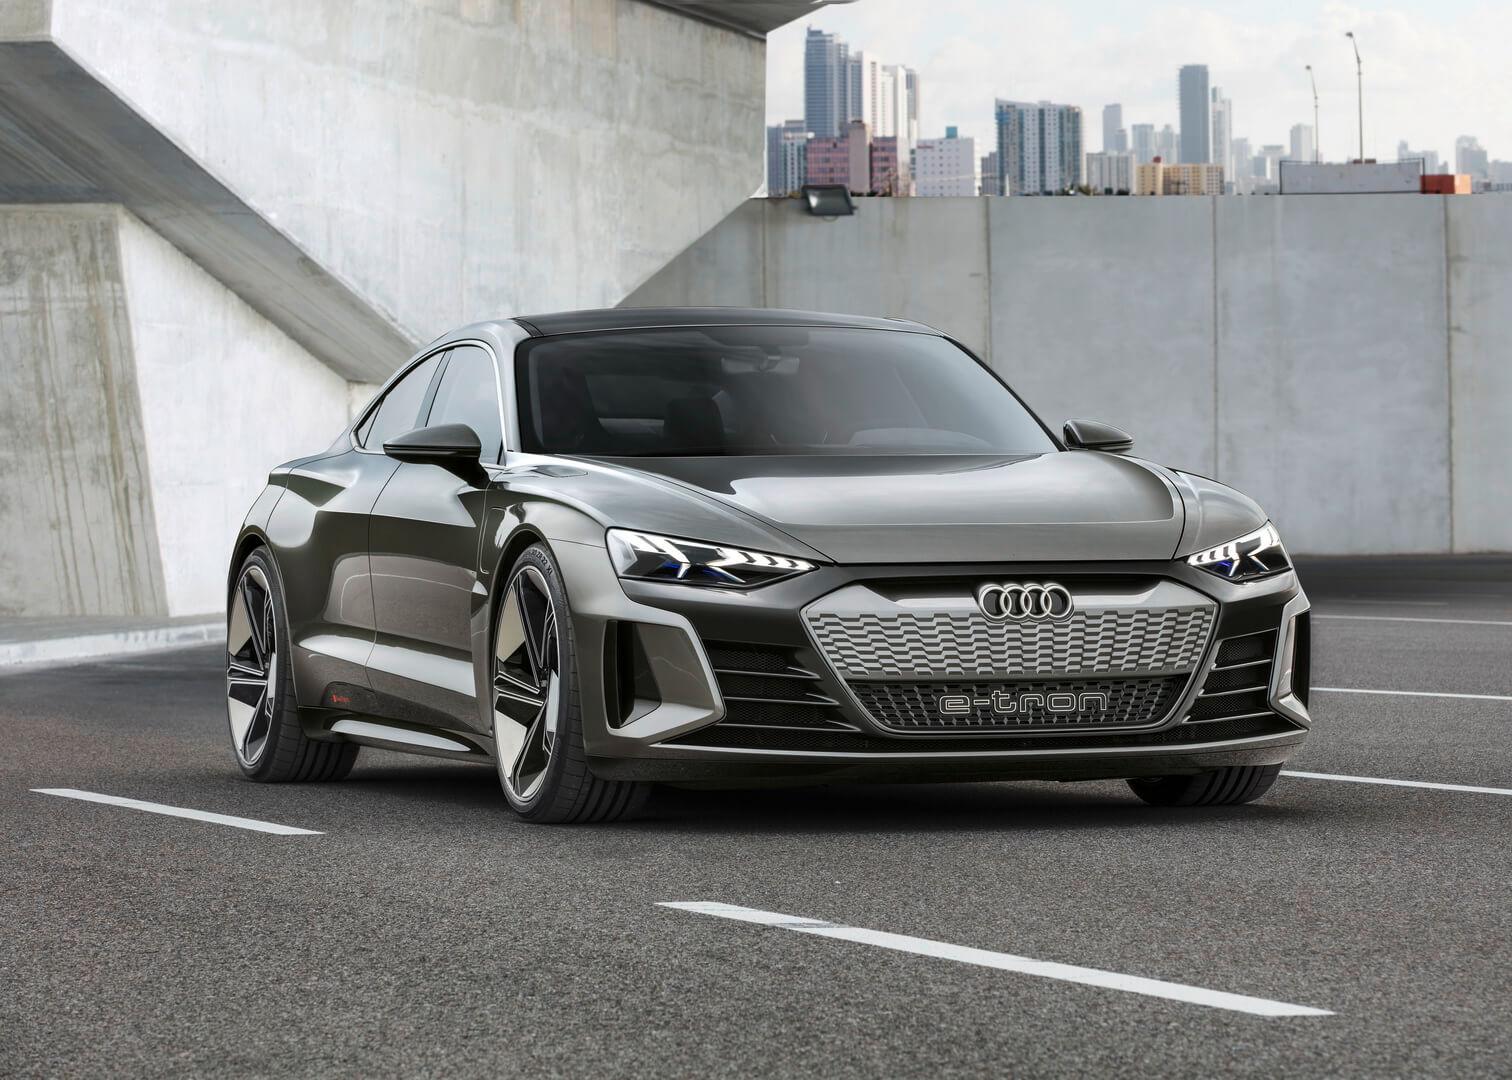 Концепт электрического автомобиля Audi e-tron GT